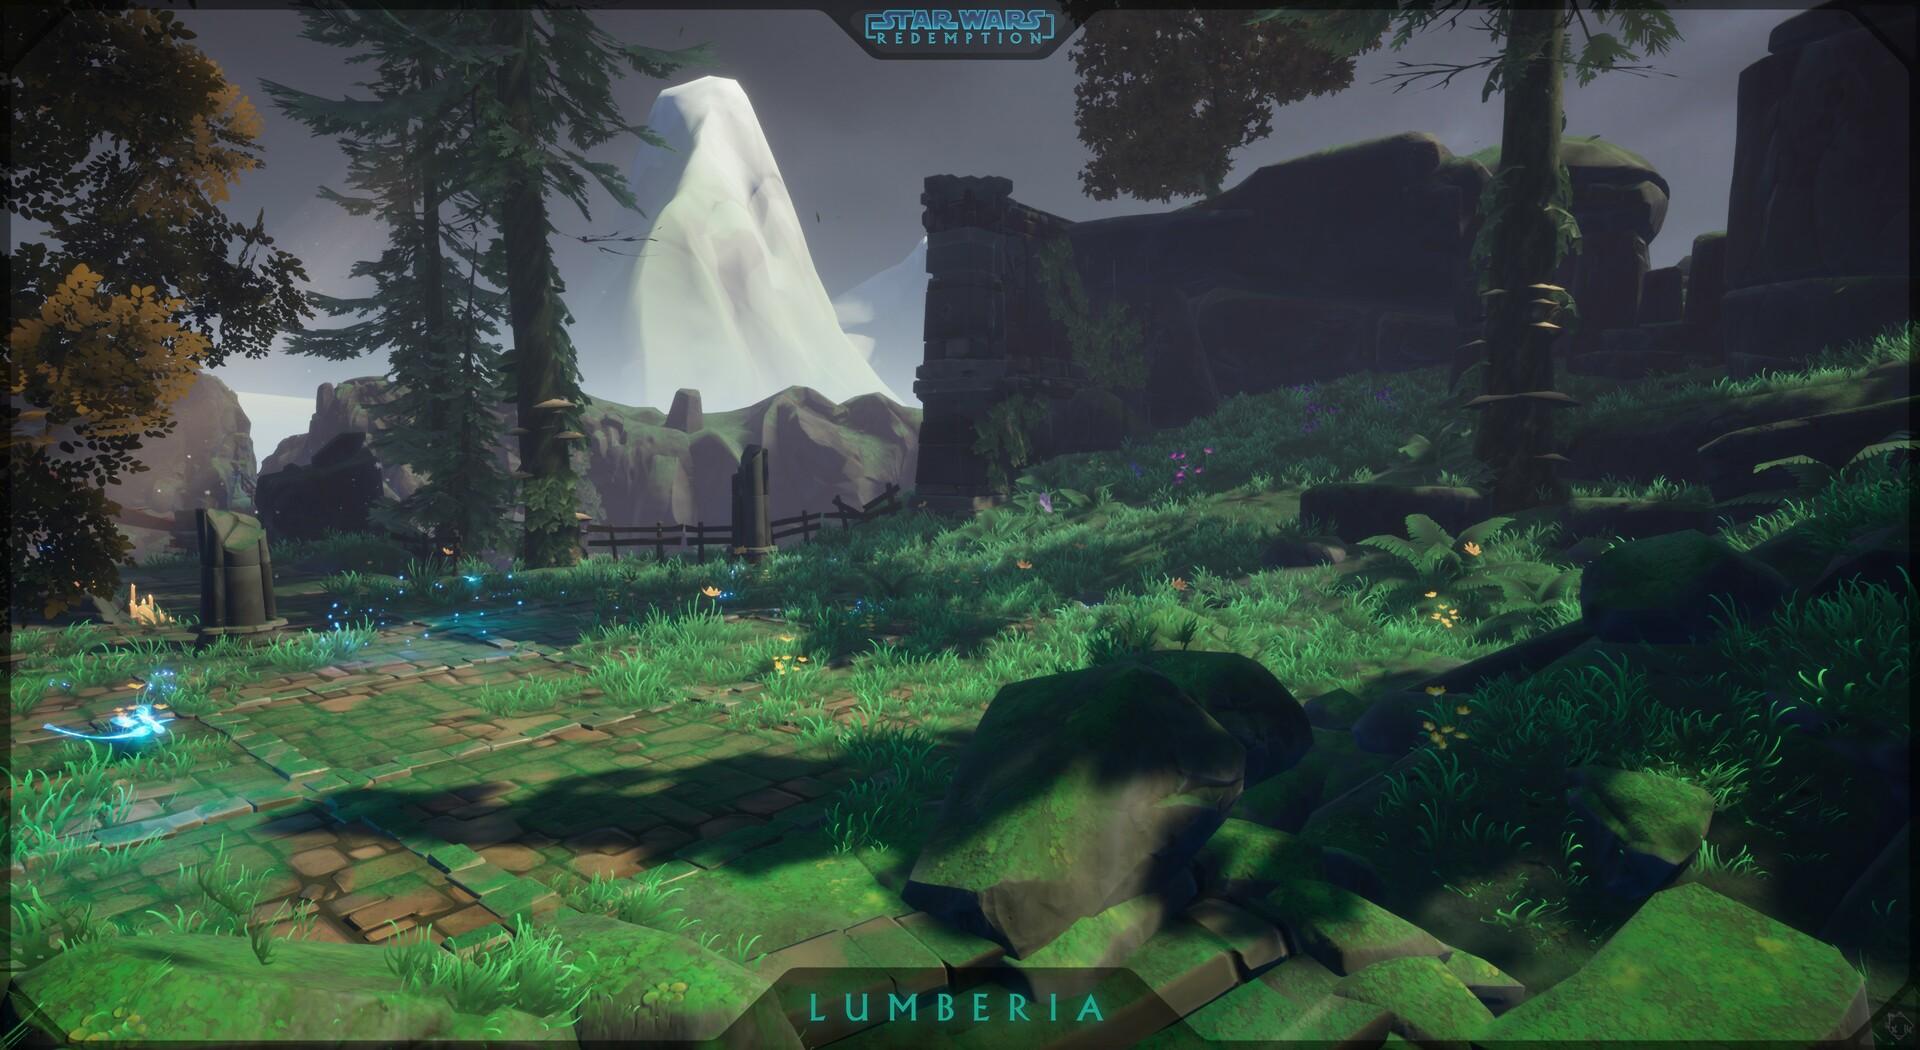 Etienne beschet swr screenshot lumberia temple 05